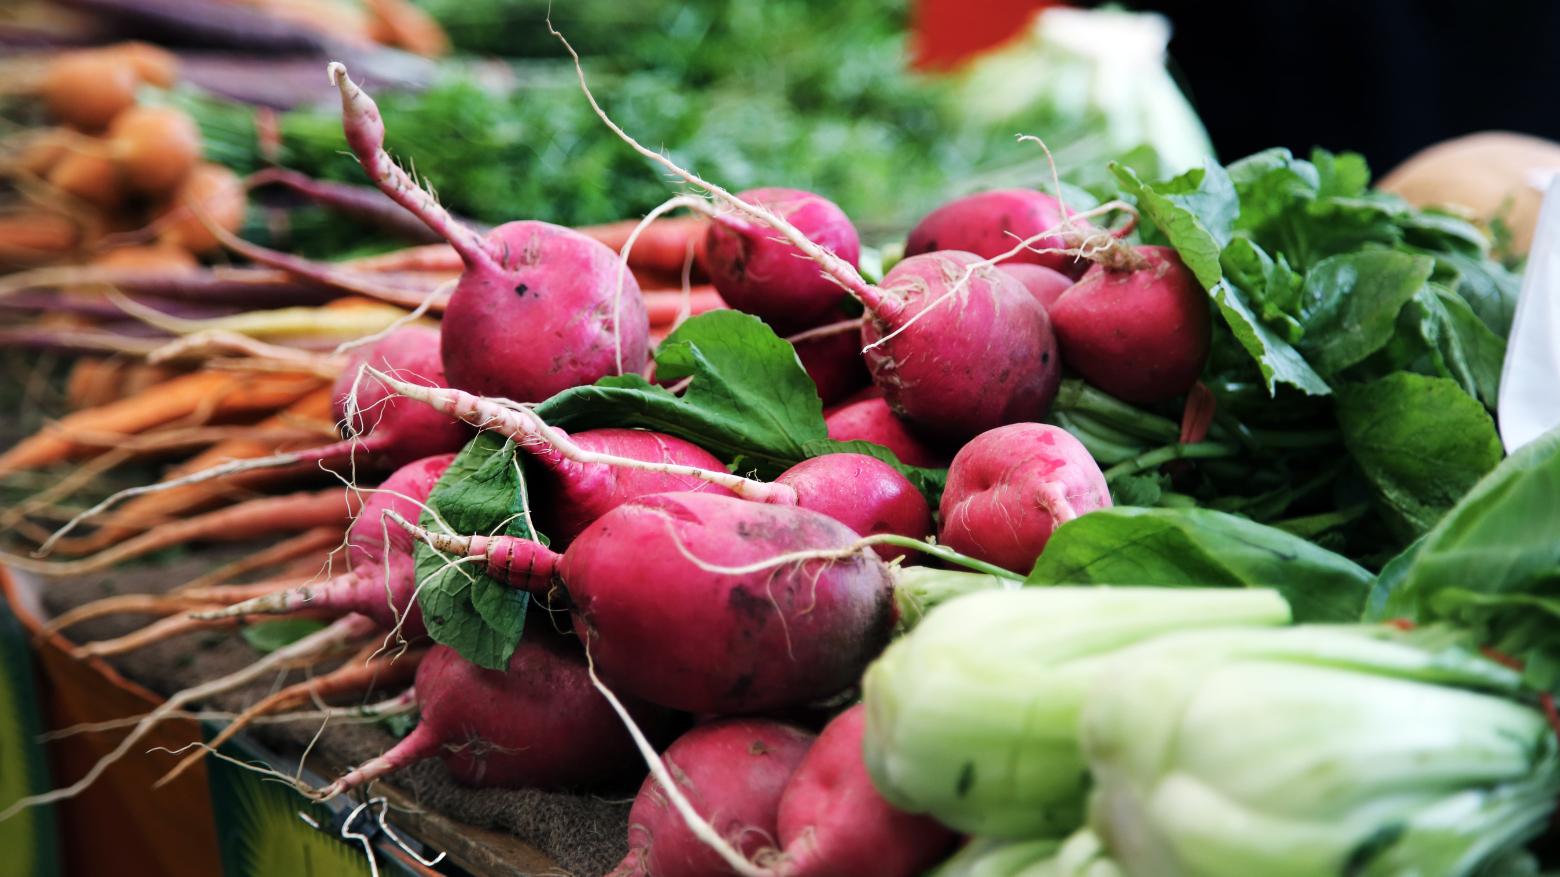 Nachhaltig leben: Nahaufnahme frisches Wurzelgemüse, Radieschen und Karotten. Wandel beginnt mit kleinen Veränderungen, zum Beispiel beim Einkauf. Bio-Gemüse, regional und saisonal ist eine Möglichkeit. In: Prinzip Apfelbaum. Magazin über das, was bleibt. Foto: Caroline Attwood/Unsplash